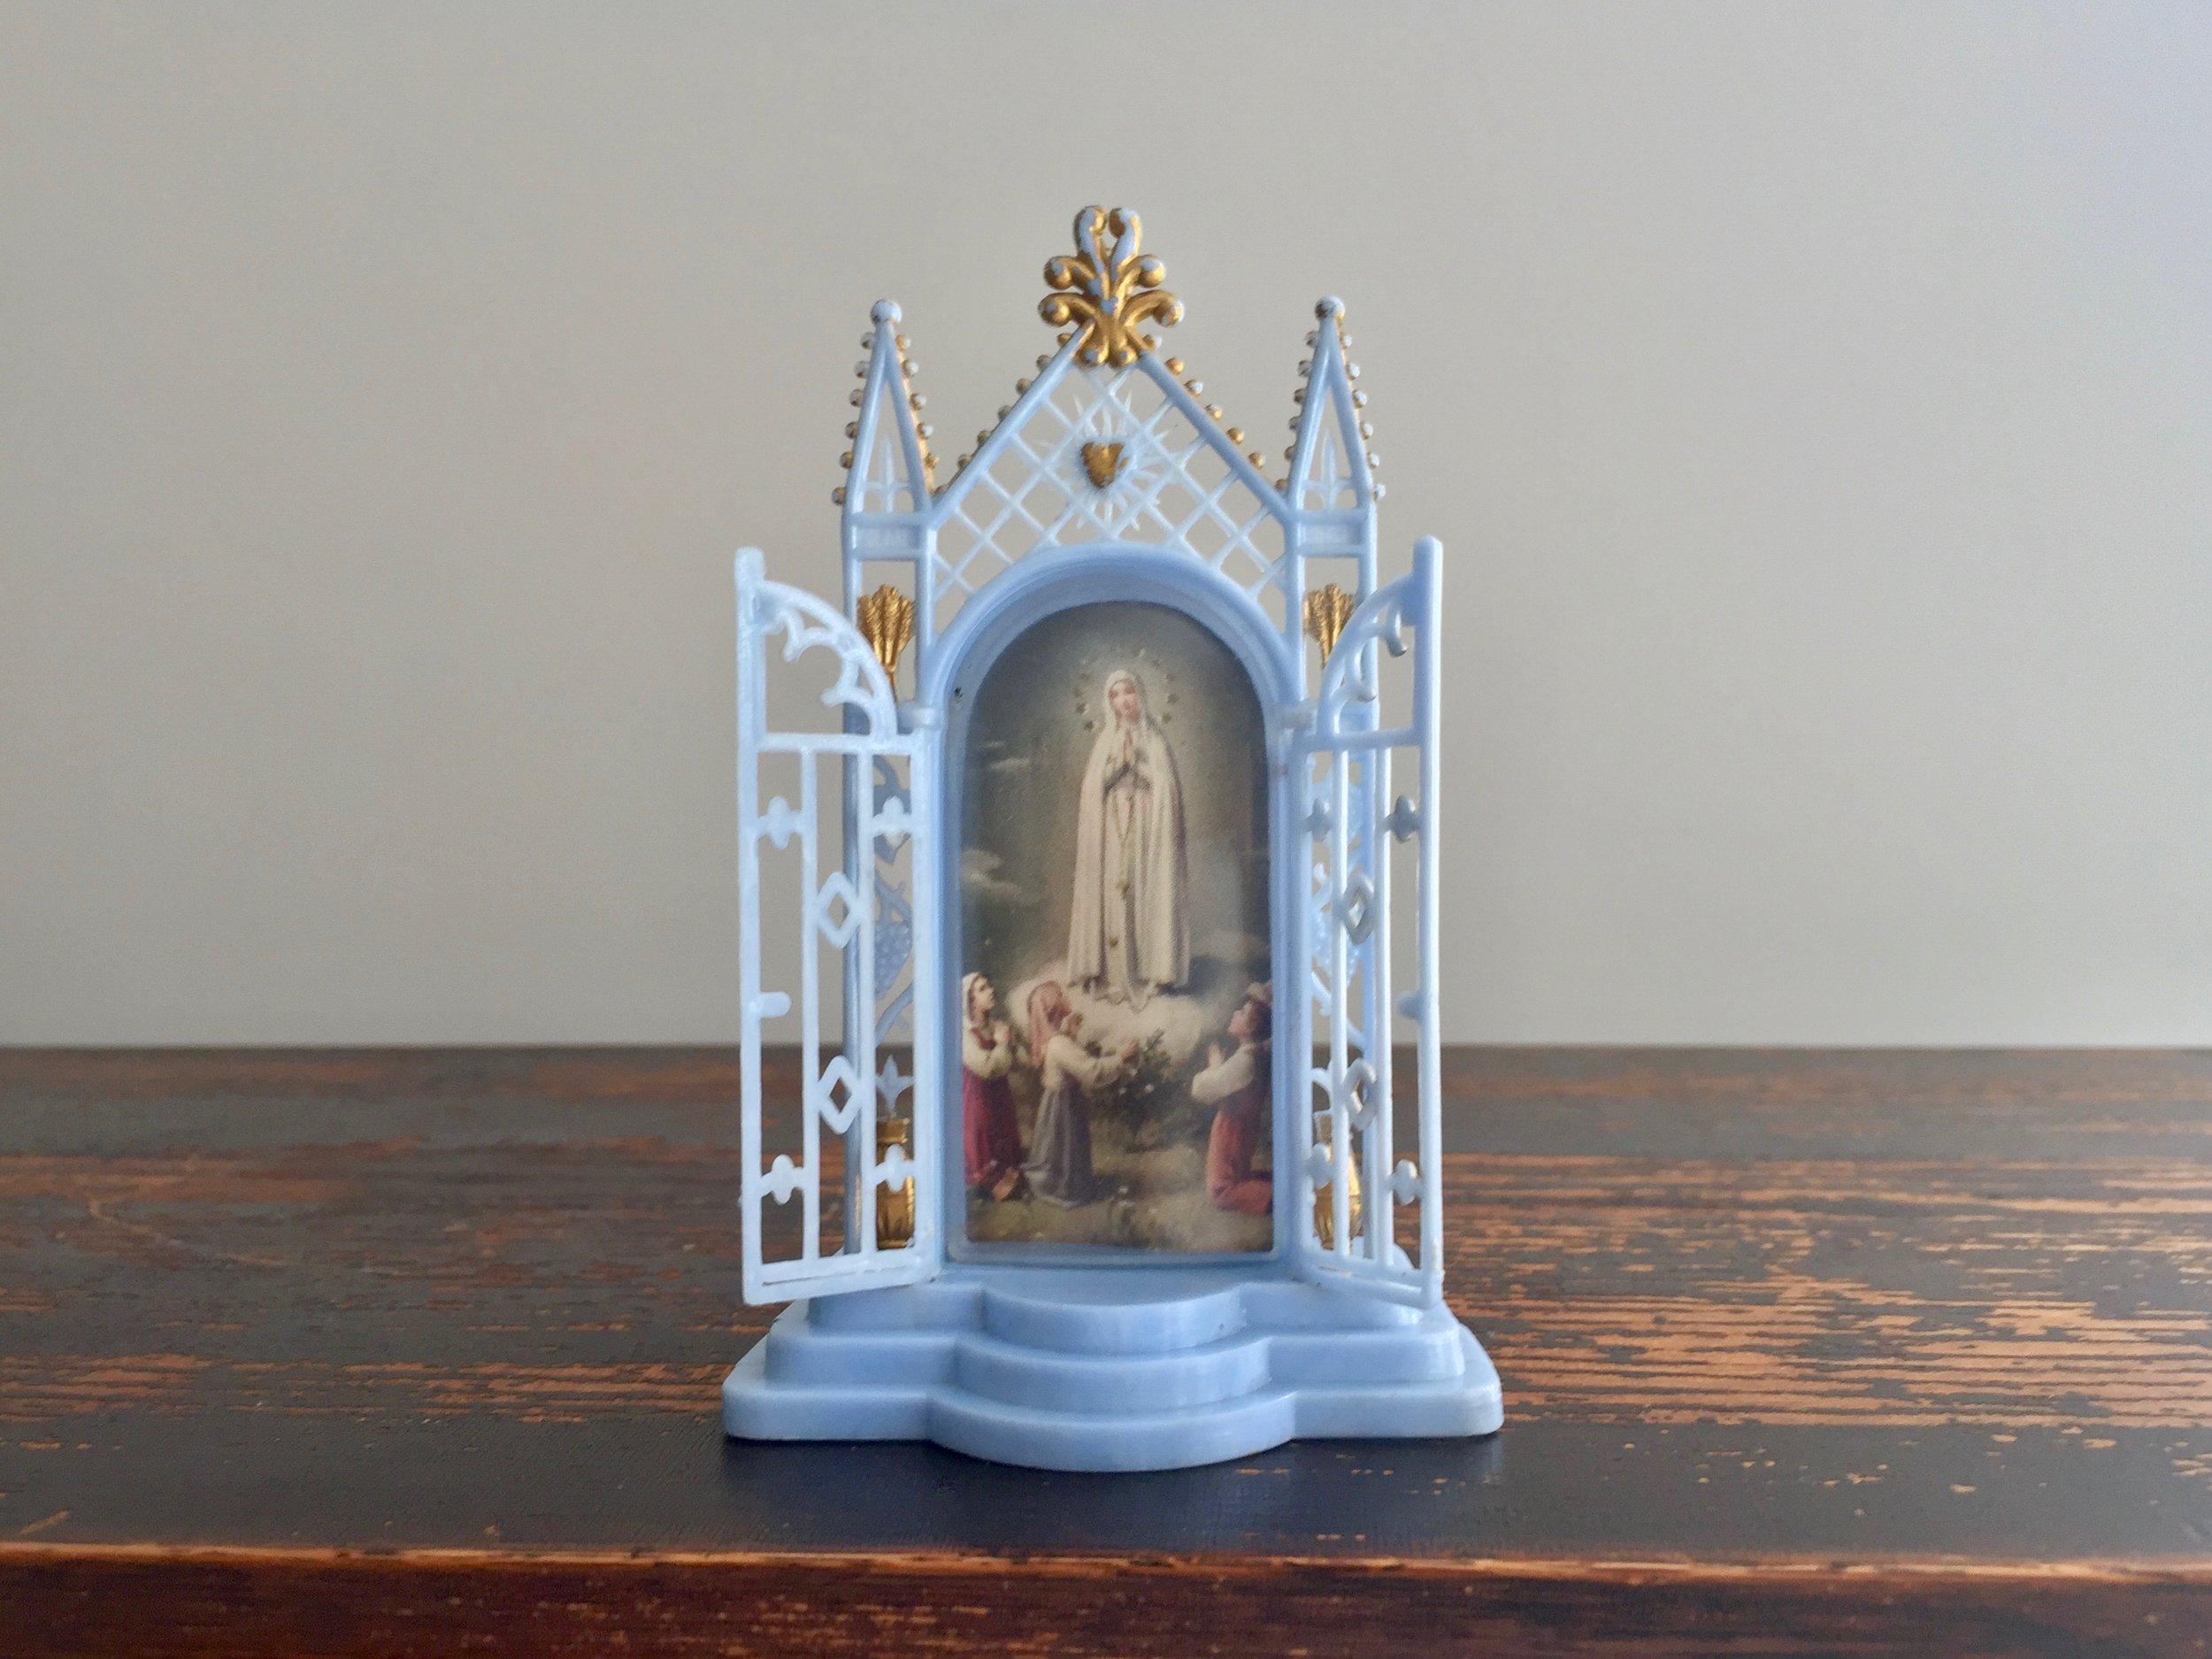 Saint Mary Shrine